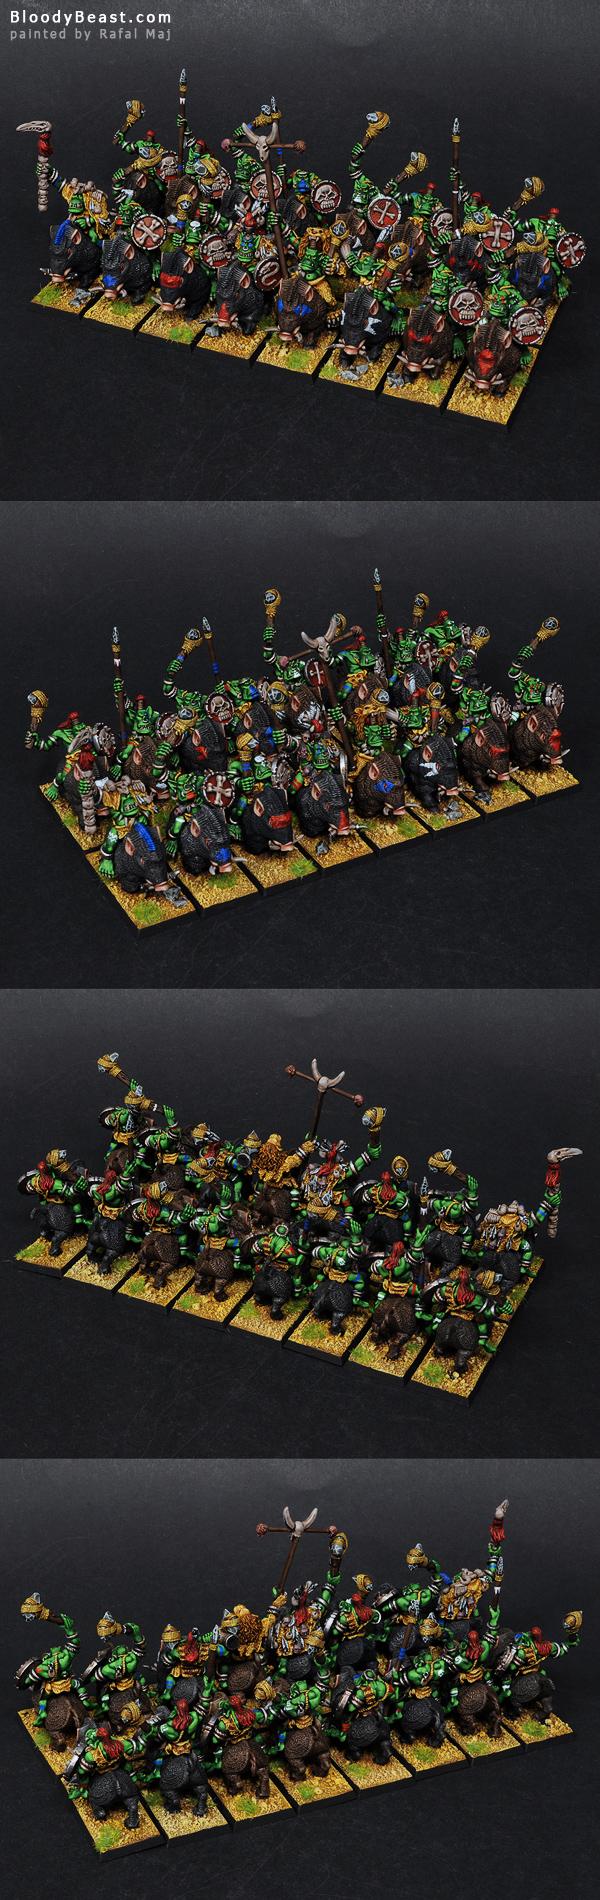 Savage Orc Boar Boyz painted by Rafal Maj (BloodyBeast.com)